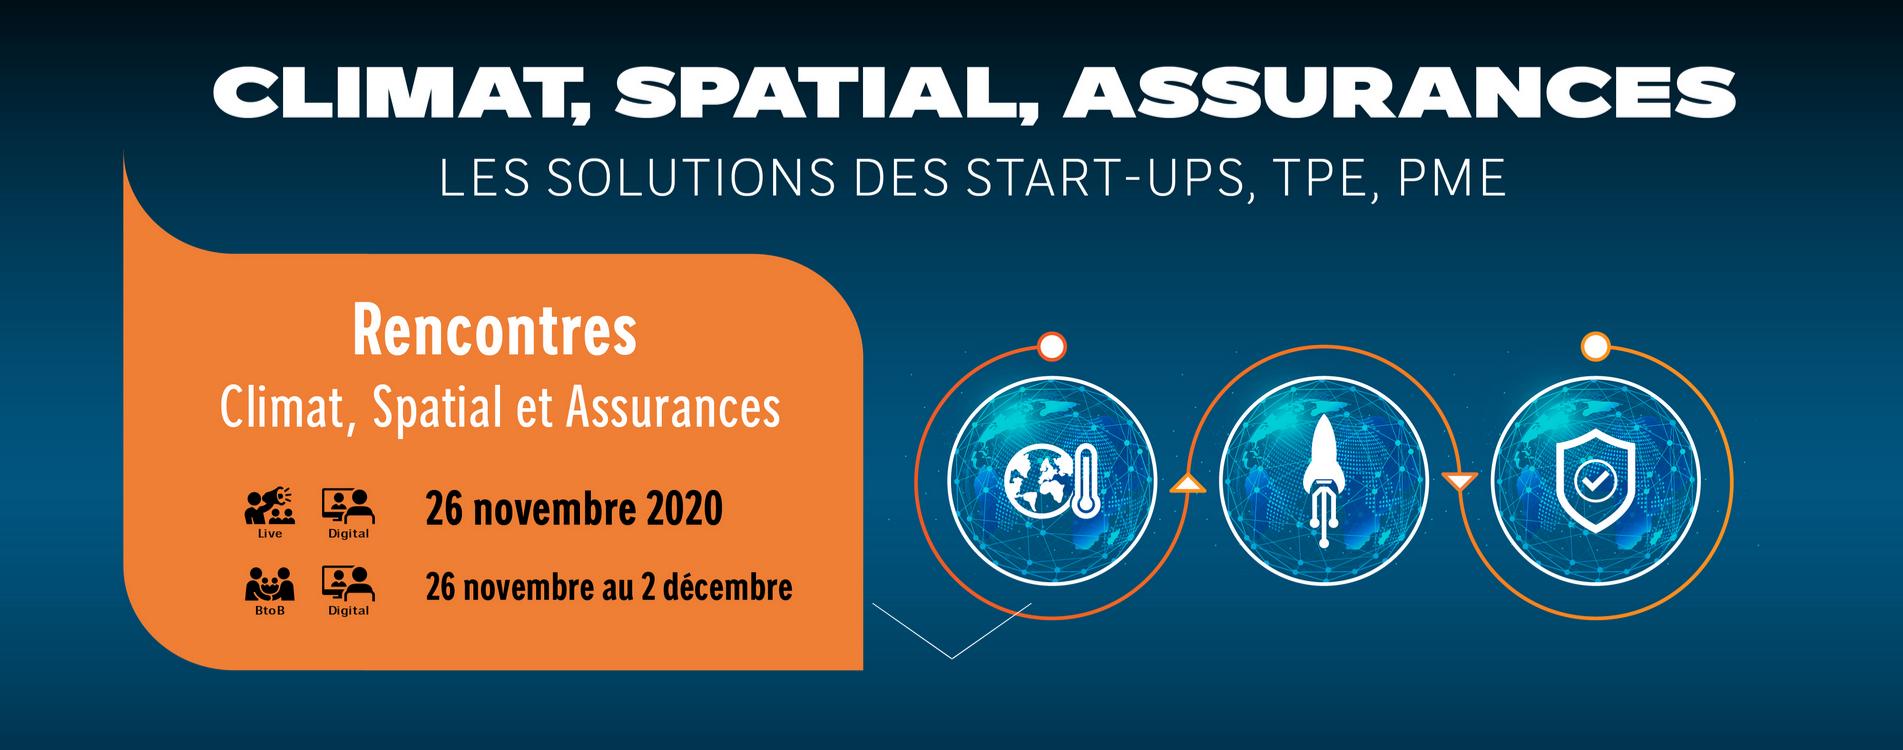 ep_climat_spatial_et_assurances.png